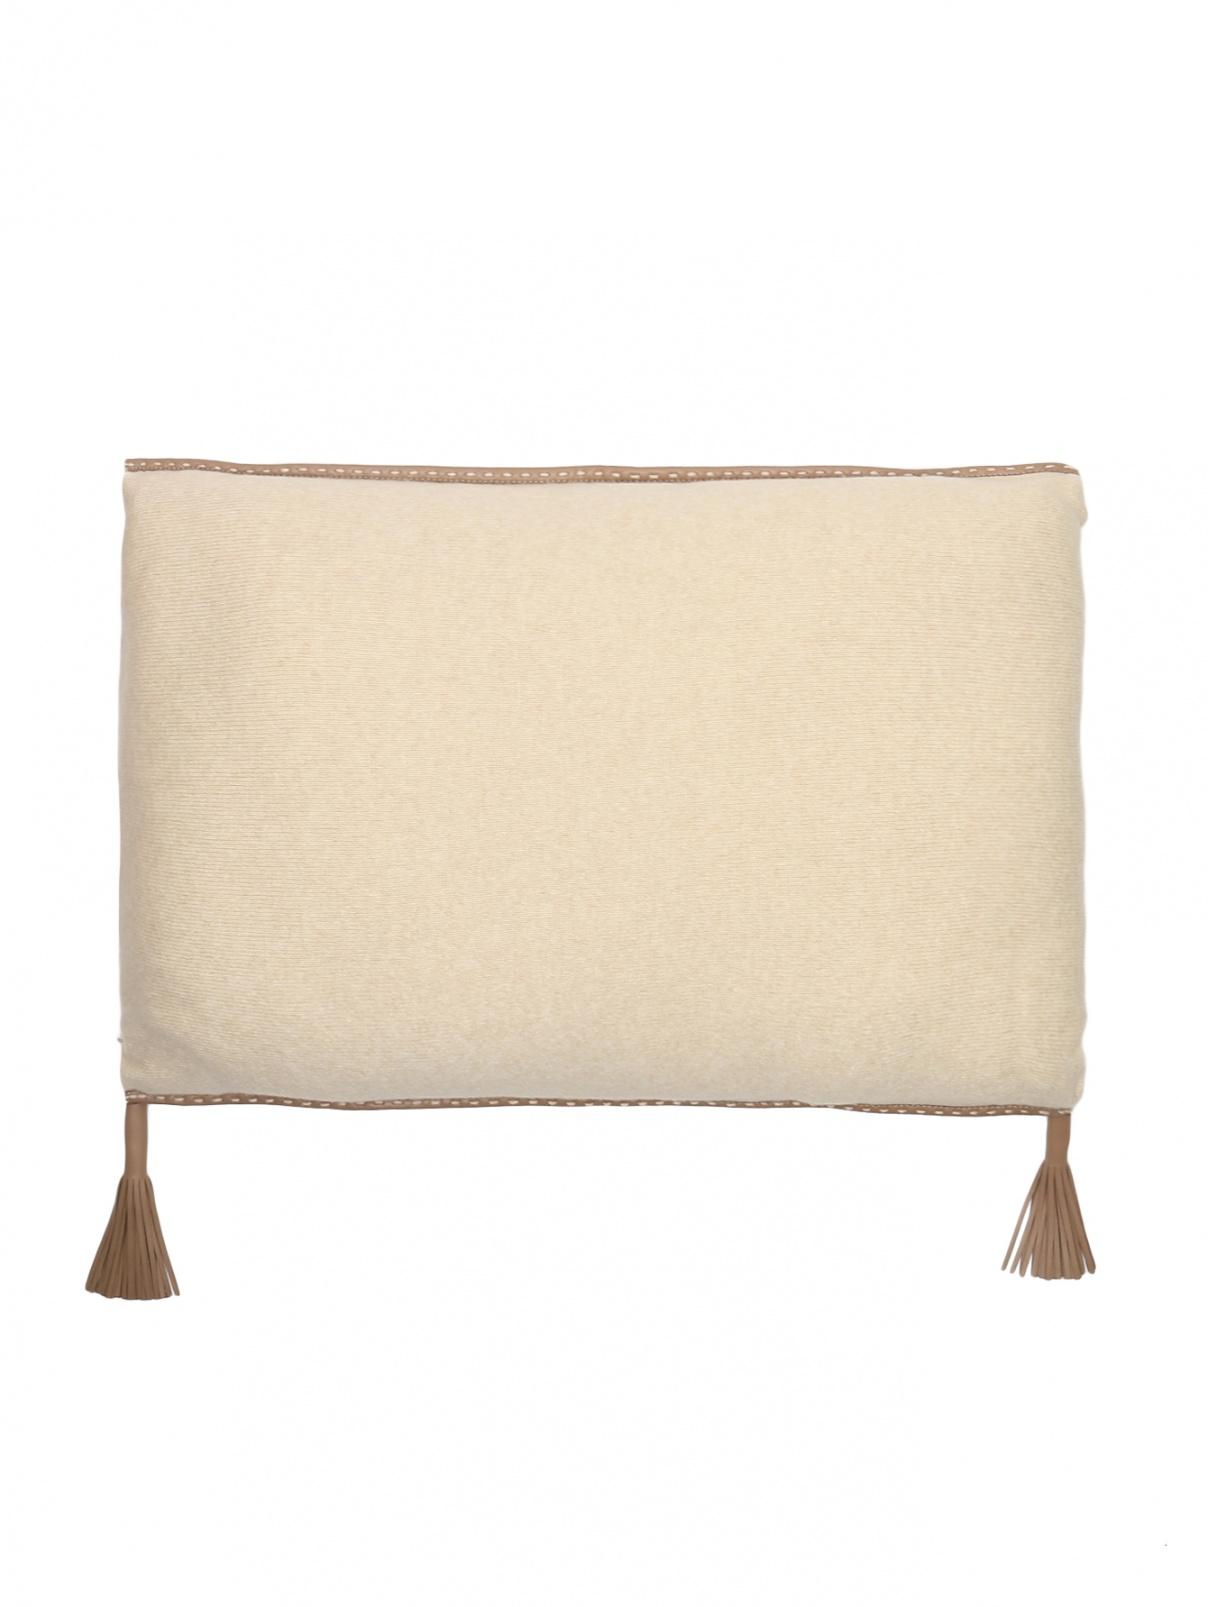 Подушка из кашемира с окантовкой из кожи и наполнителем содержащим шерсть верблюда 40 x 60 Agnona  –  Общий вид